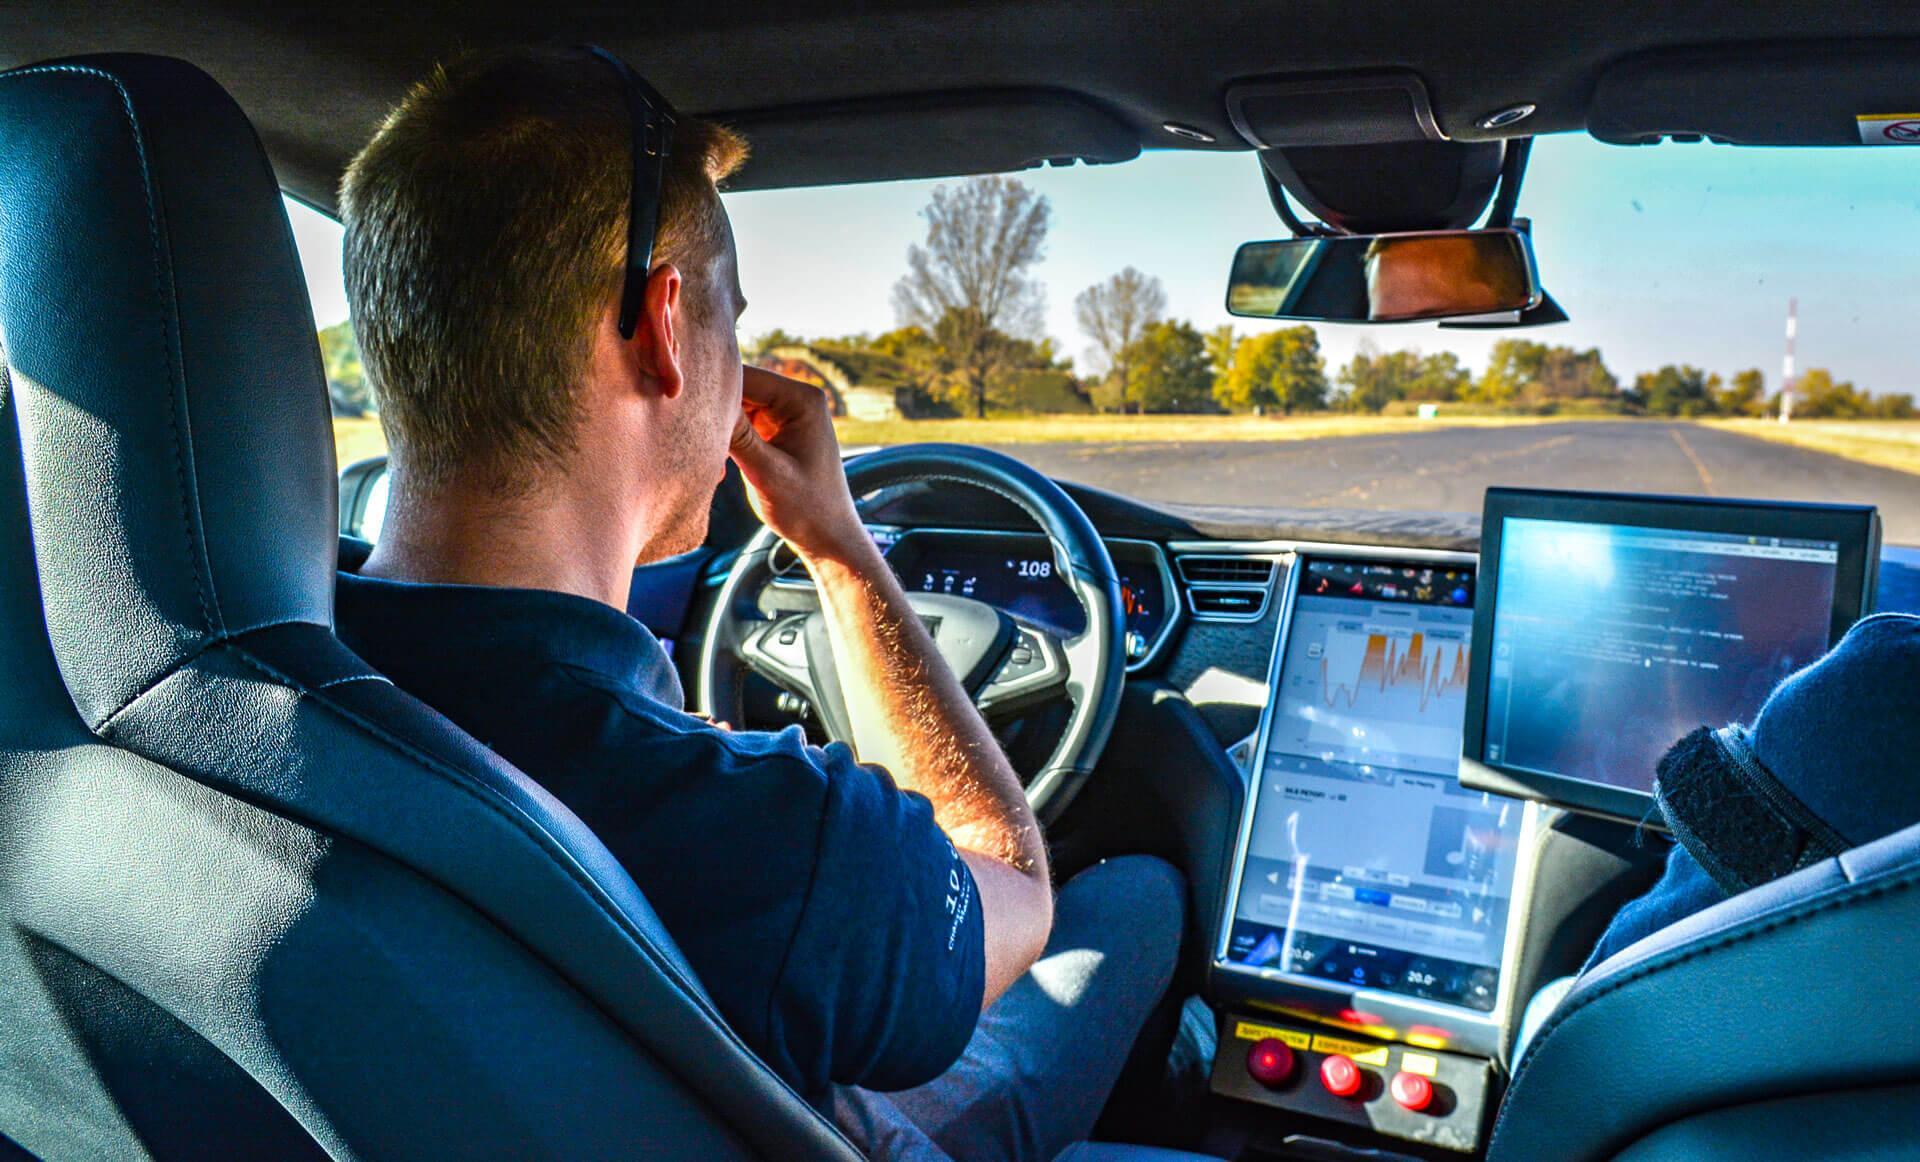 Komoly érvek, kényes kérdések az önvezető autók kapcsán